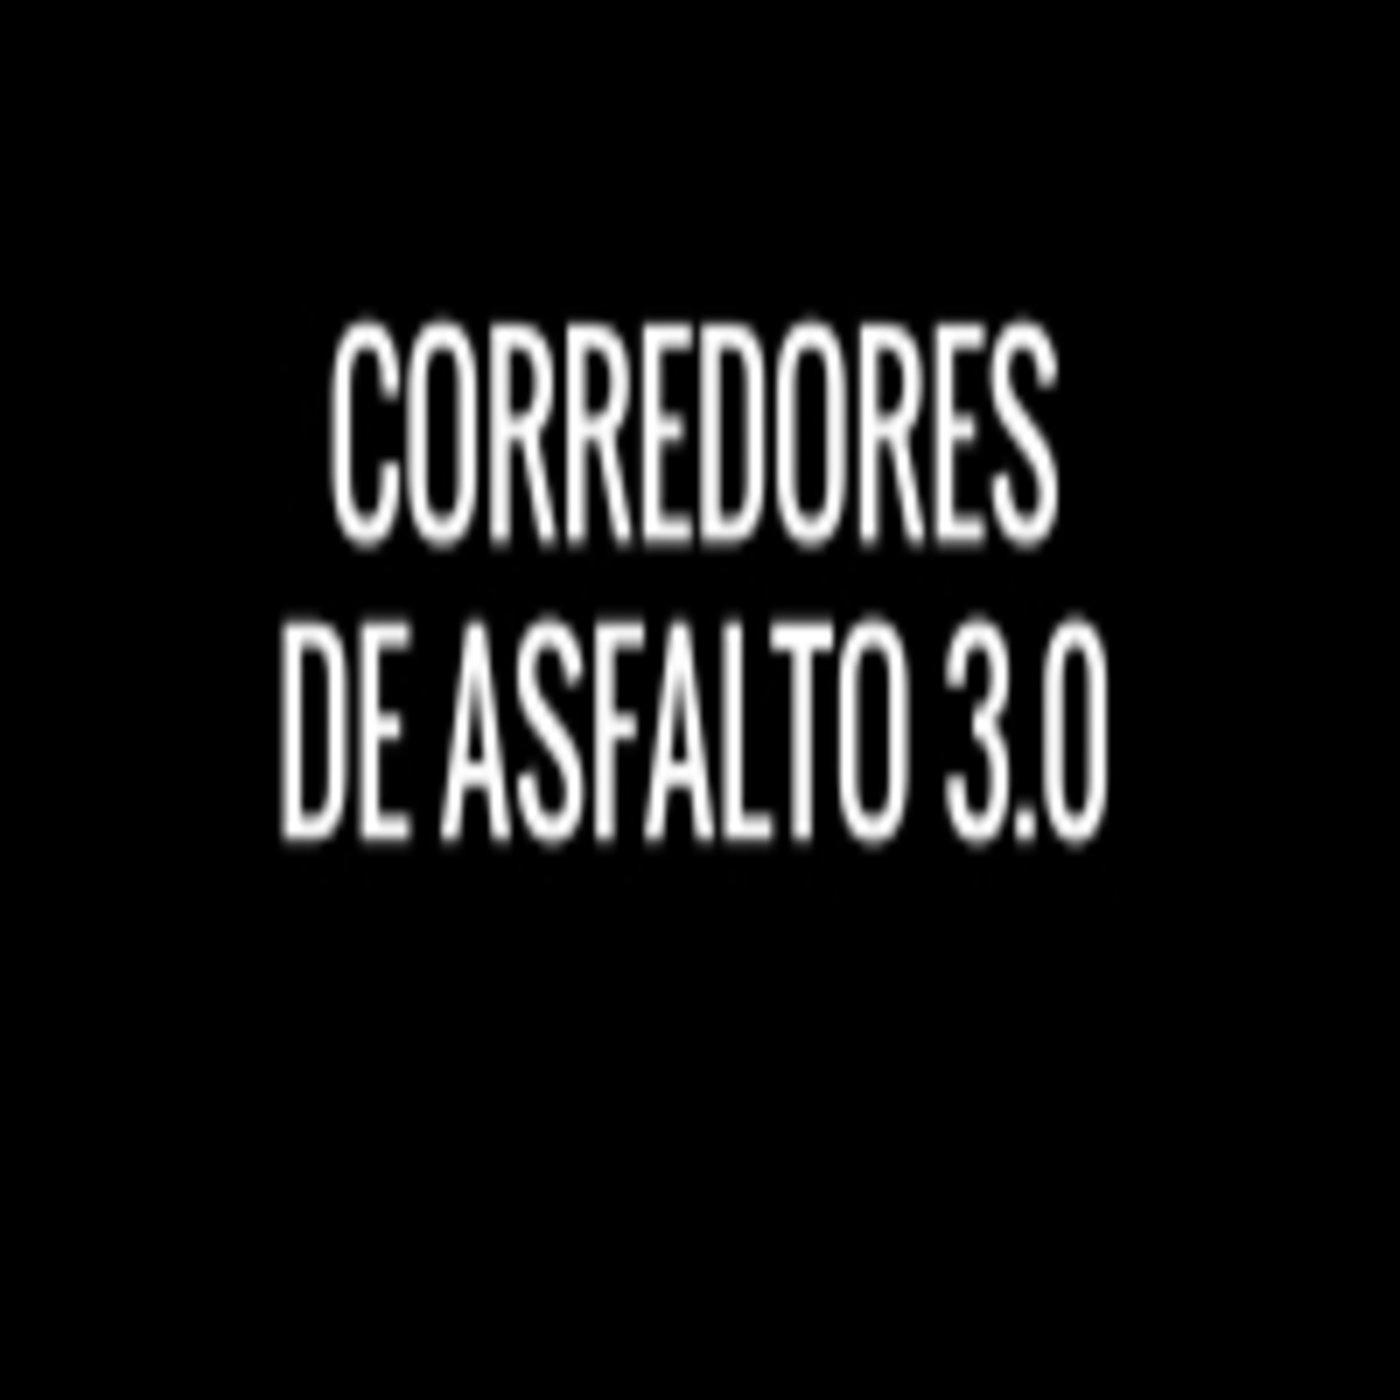 <![CDATA[Corredores de asfalto 3.0]]>